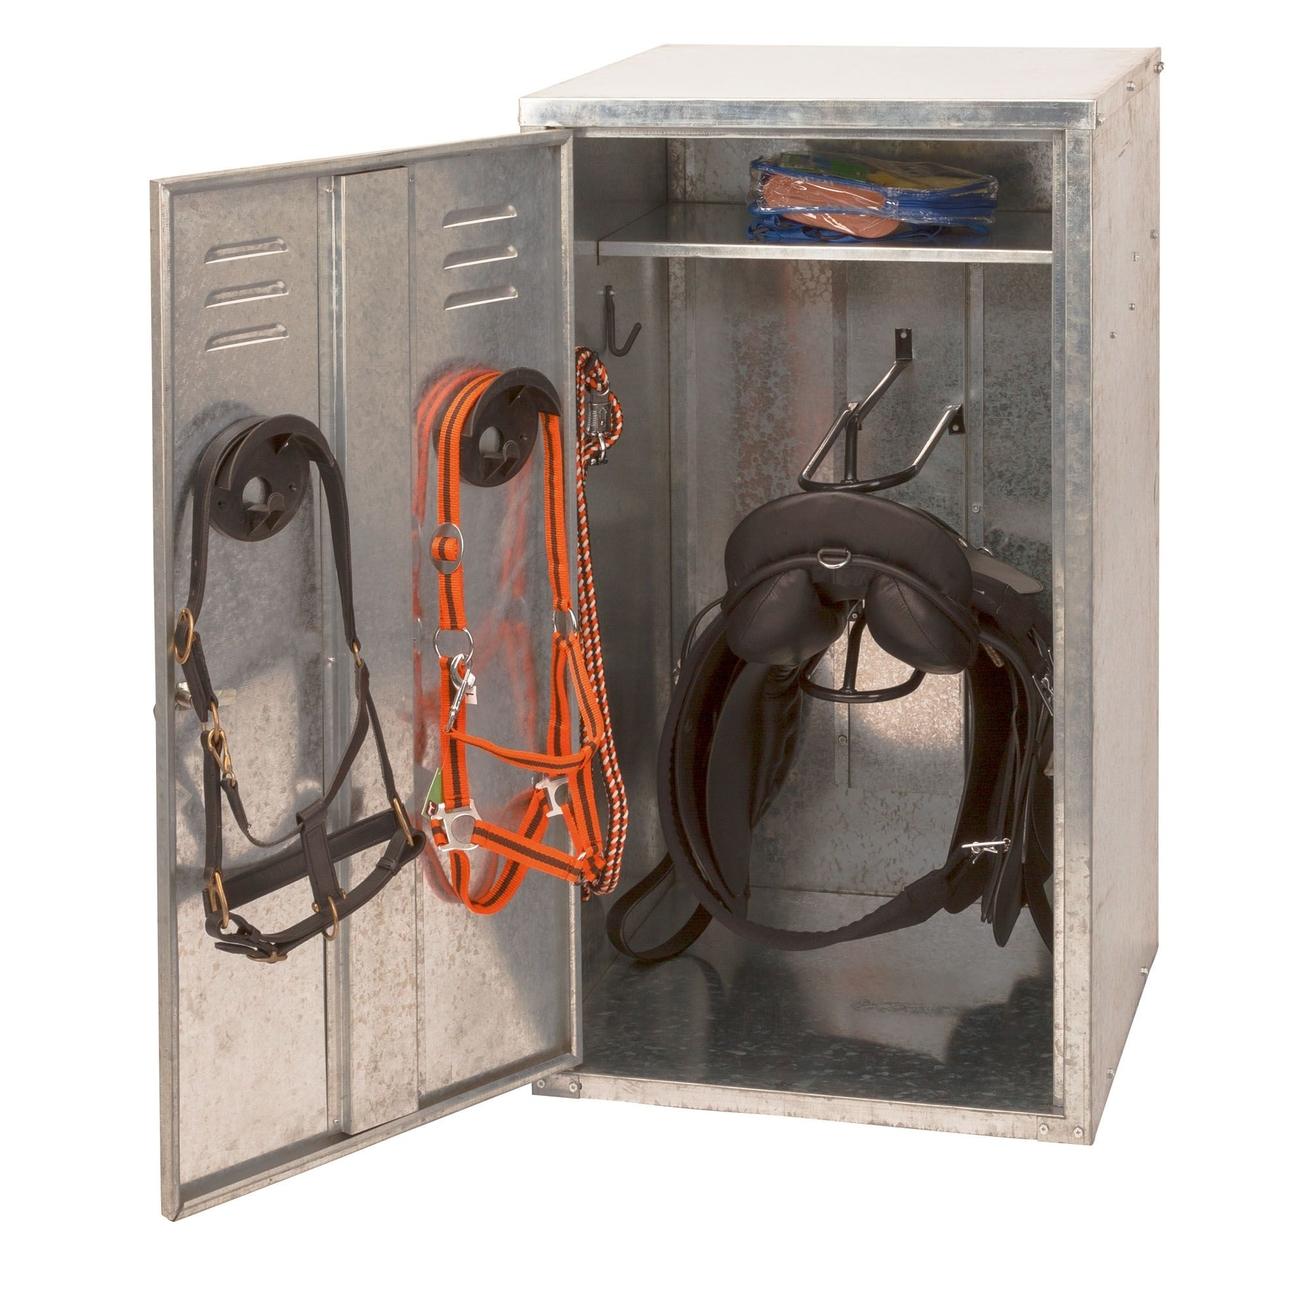 Kerbl Sattelschrank Aufbewahrung für 2 Sättel, 60x60x150 cm (ca. 38kg)